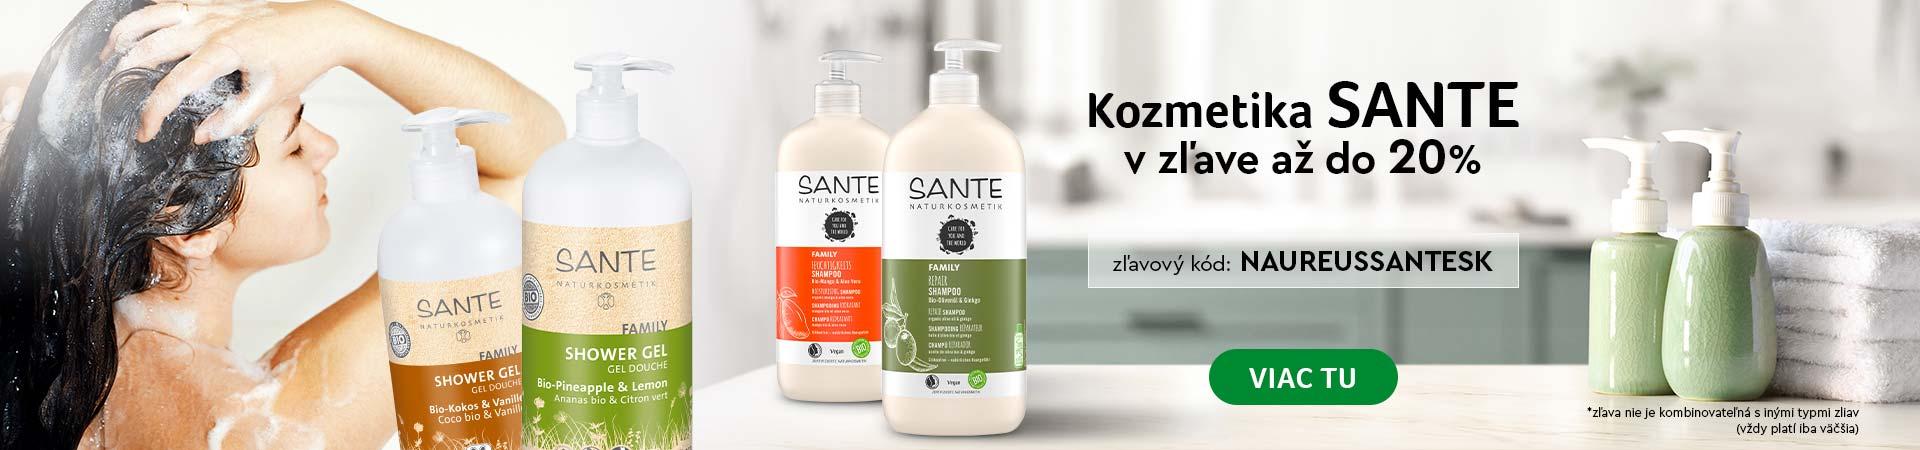 20% Zľava kozmetika Sante do zajtra 20.10.2020 + Doprava zadarmo s vybranými značkami